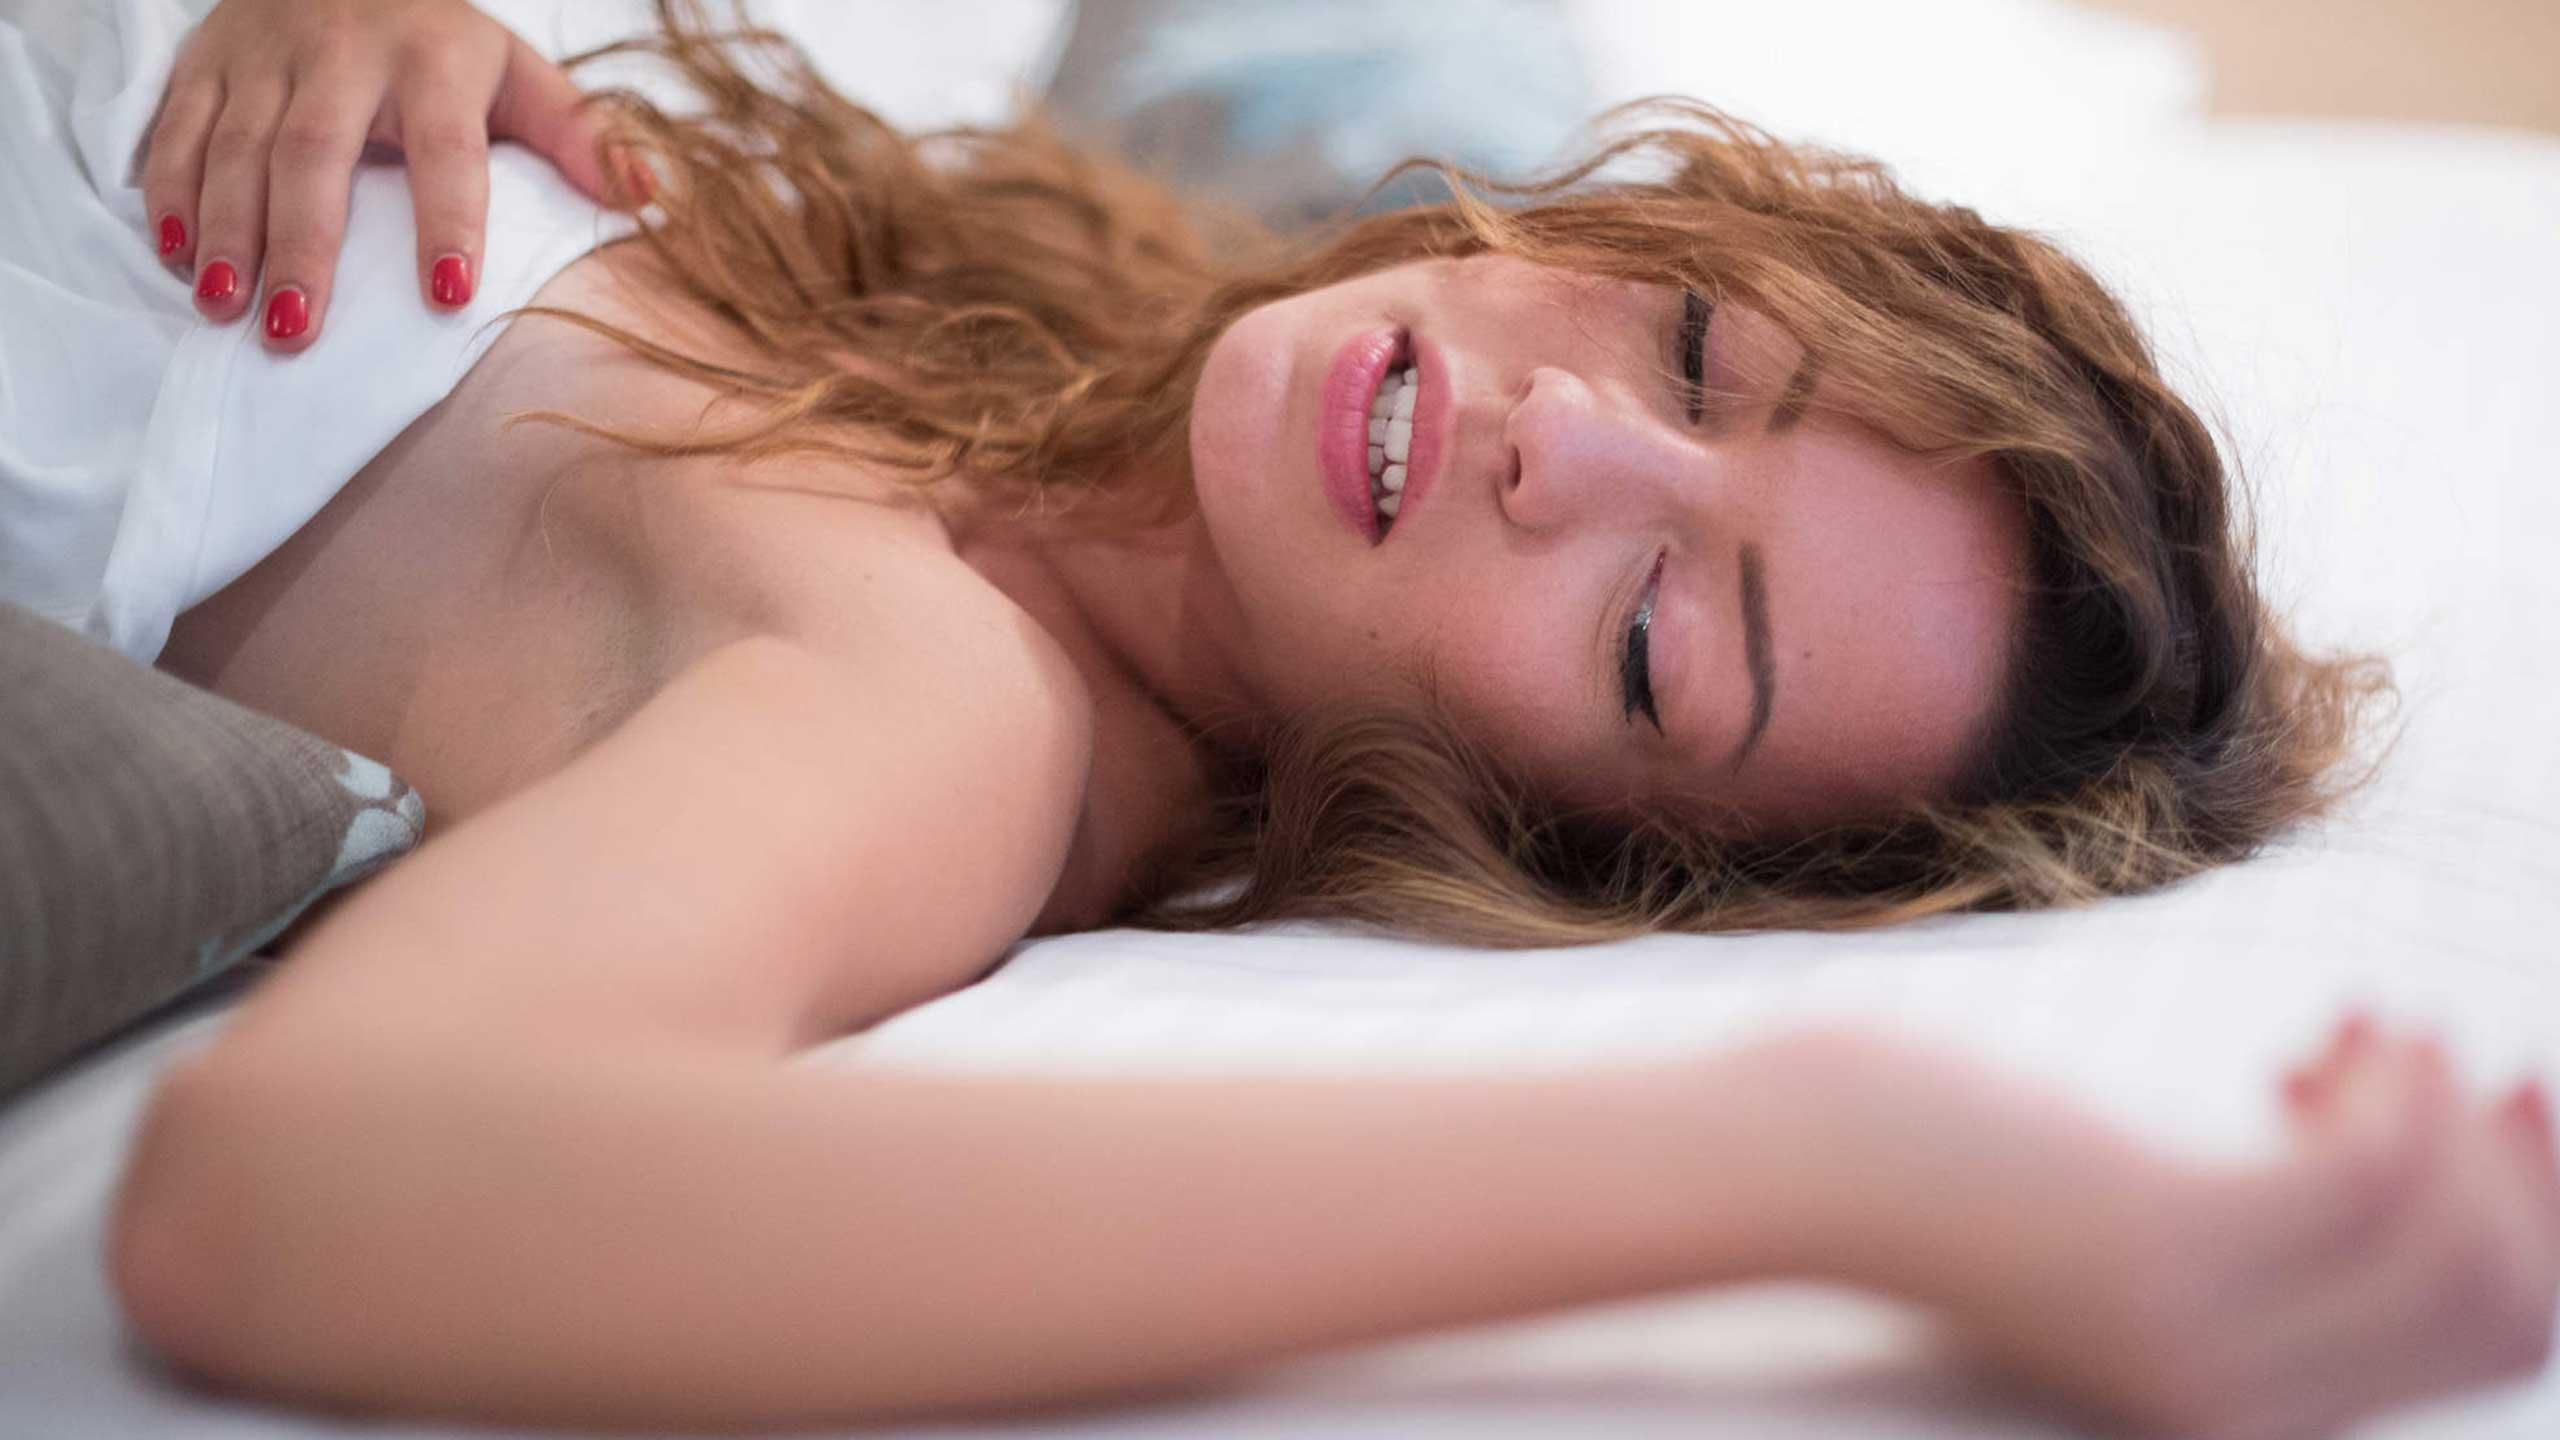 Смотреть секс оргазм красиво, Оргазмы - Смотреть порно онлайн, секс видео бесплатно 4 фотография